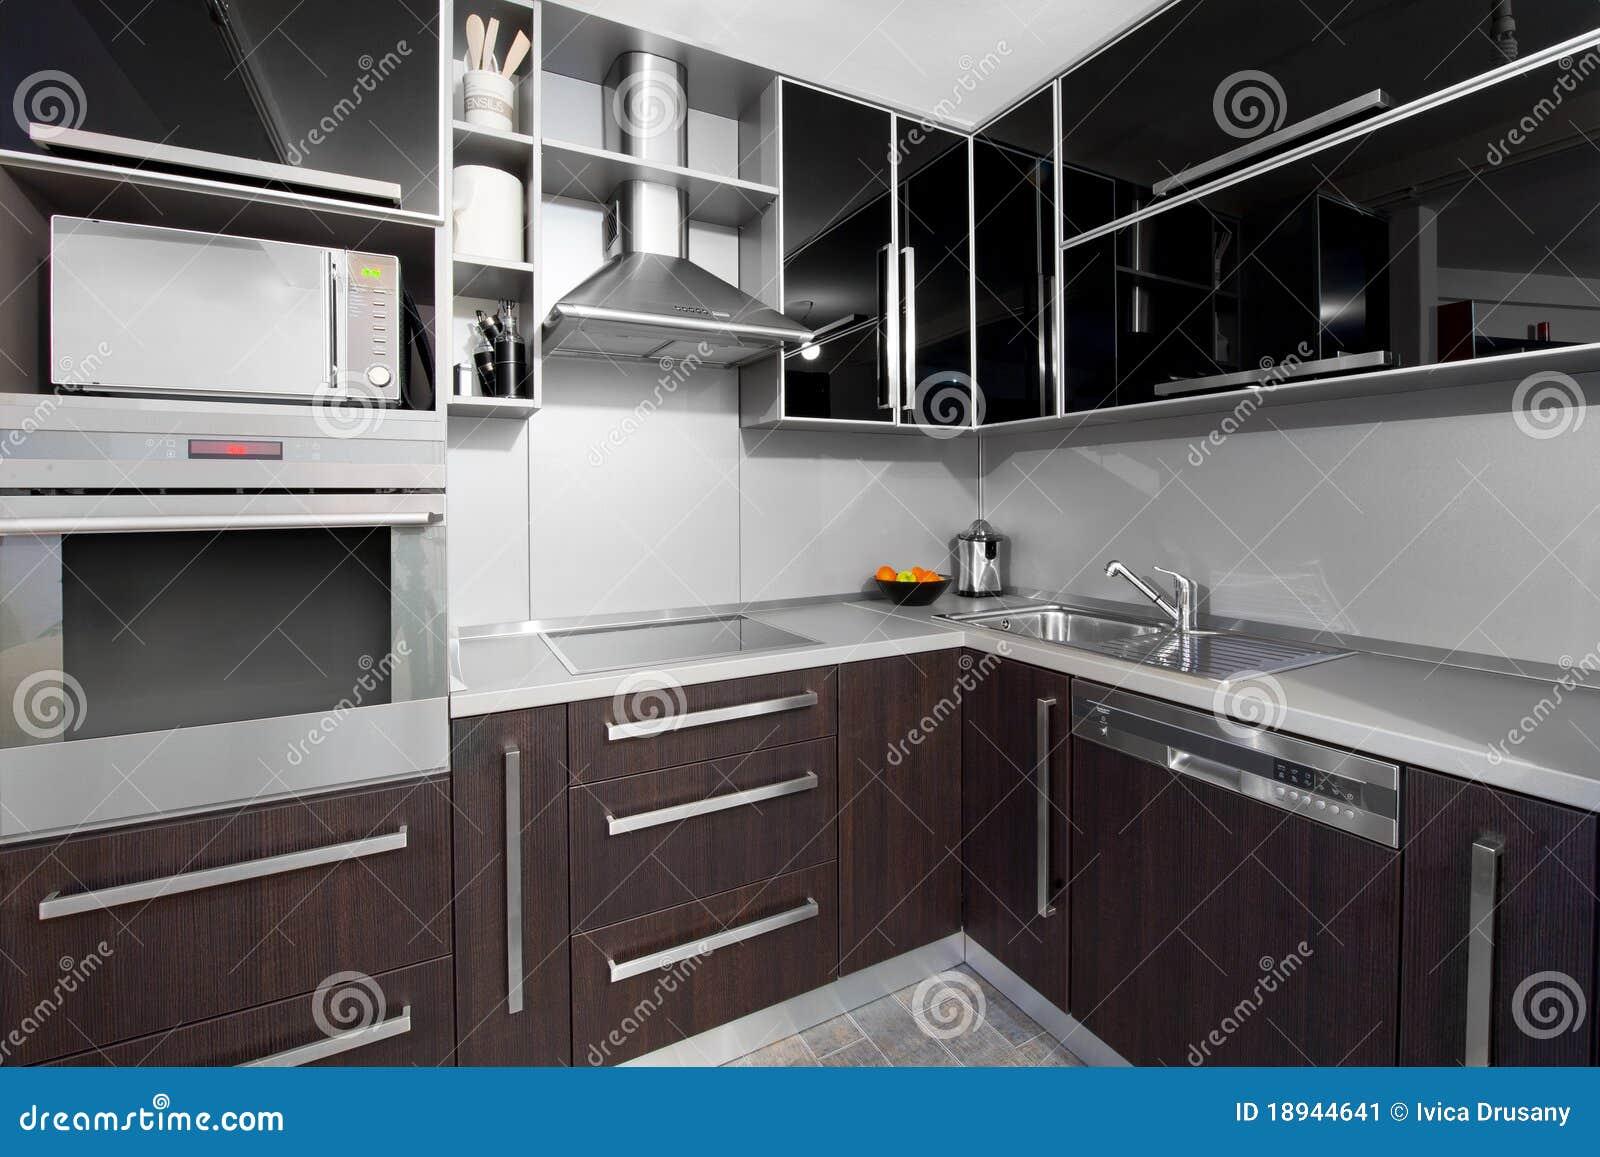 Cuisine Moderne Dans Des Couleurs De Noir Et De Wenge Image Stock Image 18944641